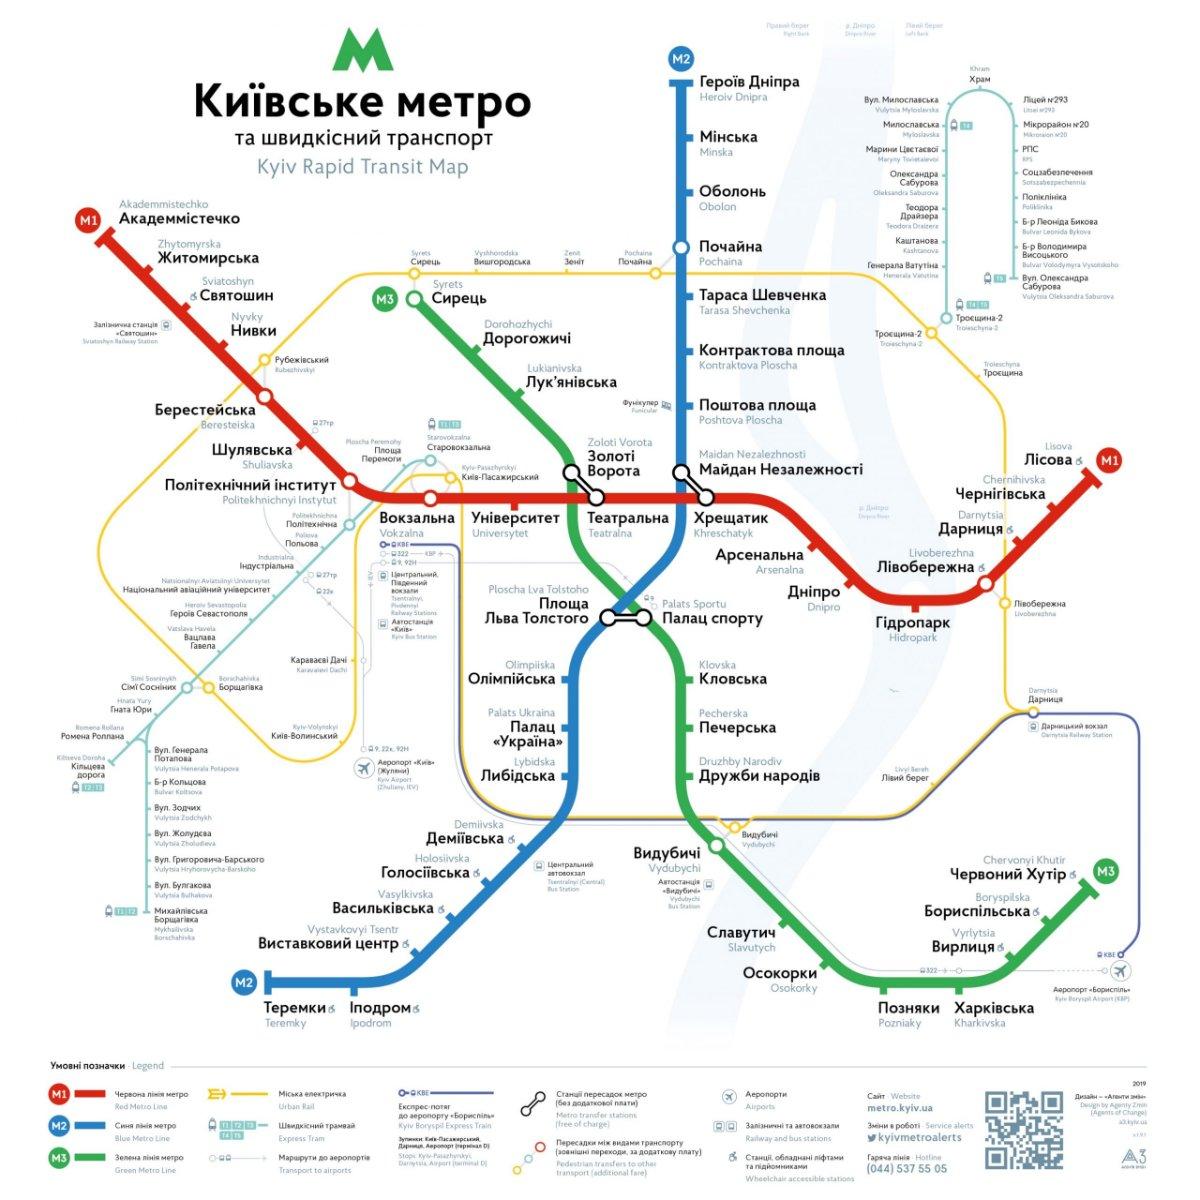 IDMedia Наружная реклама в городе Киев (Киевская область), Метро Digital в городе Киев №238997 схема